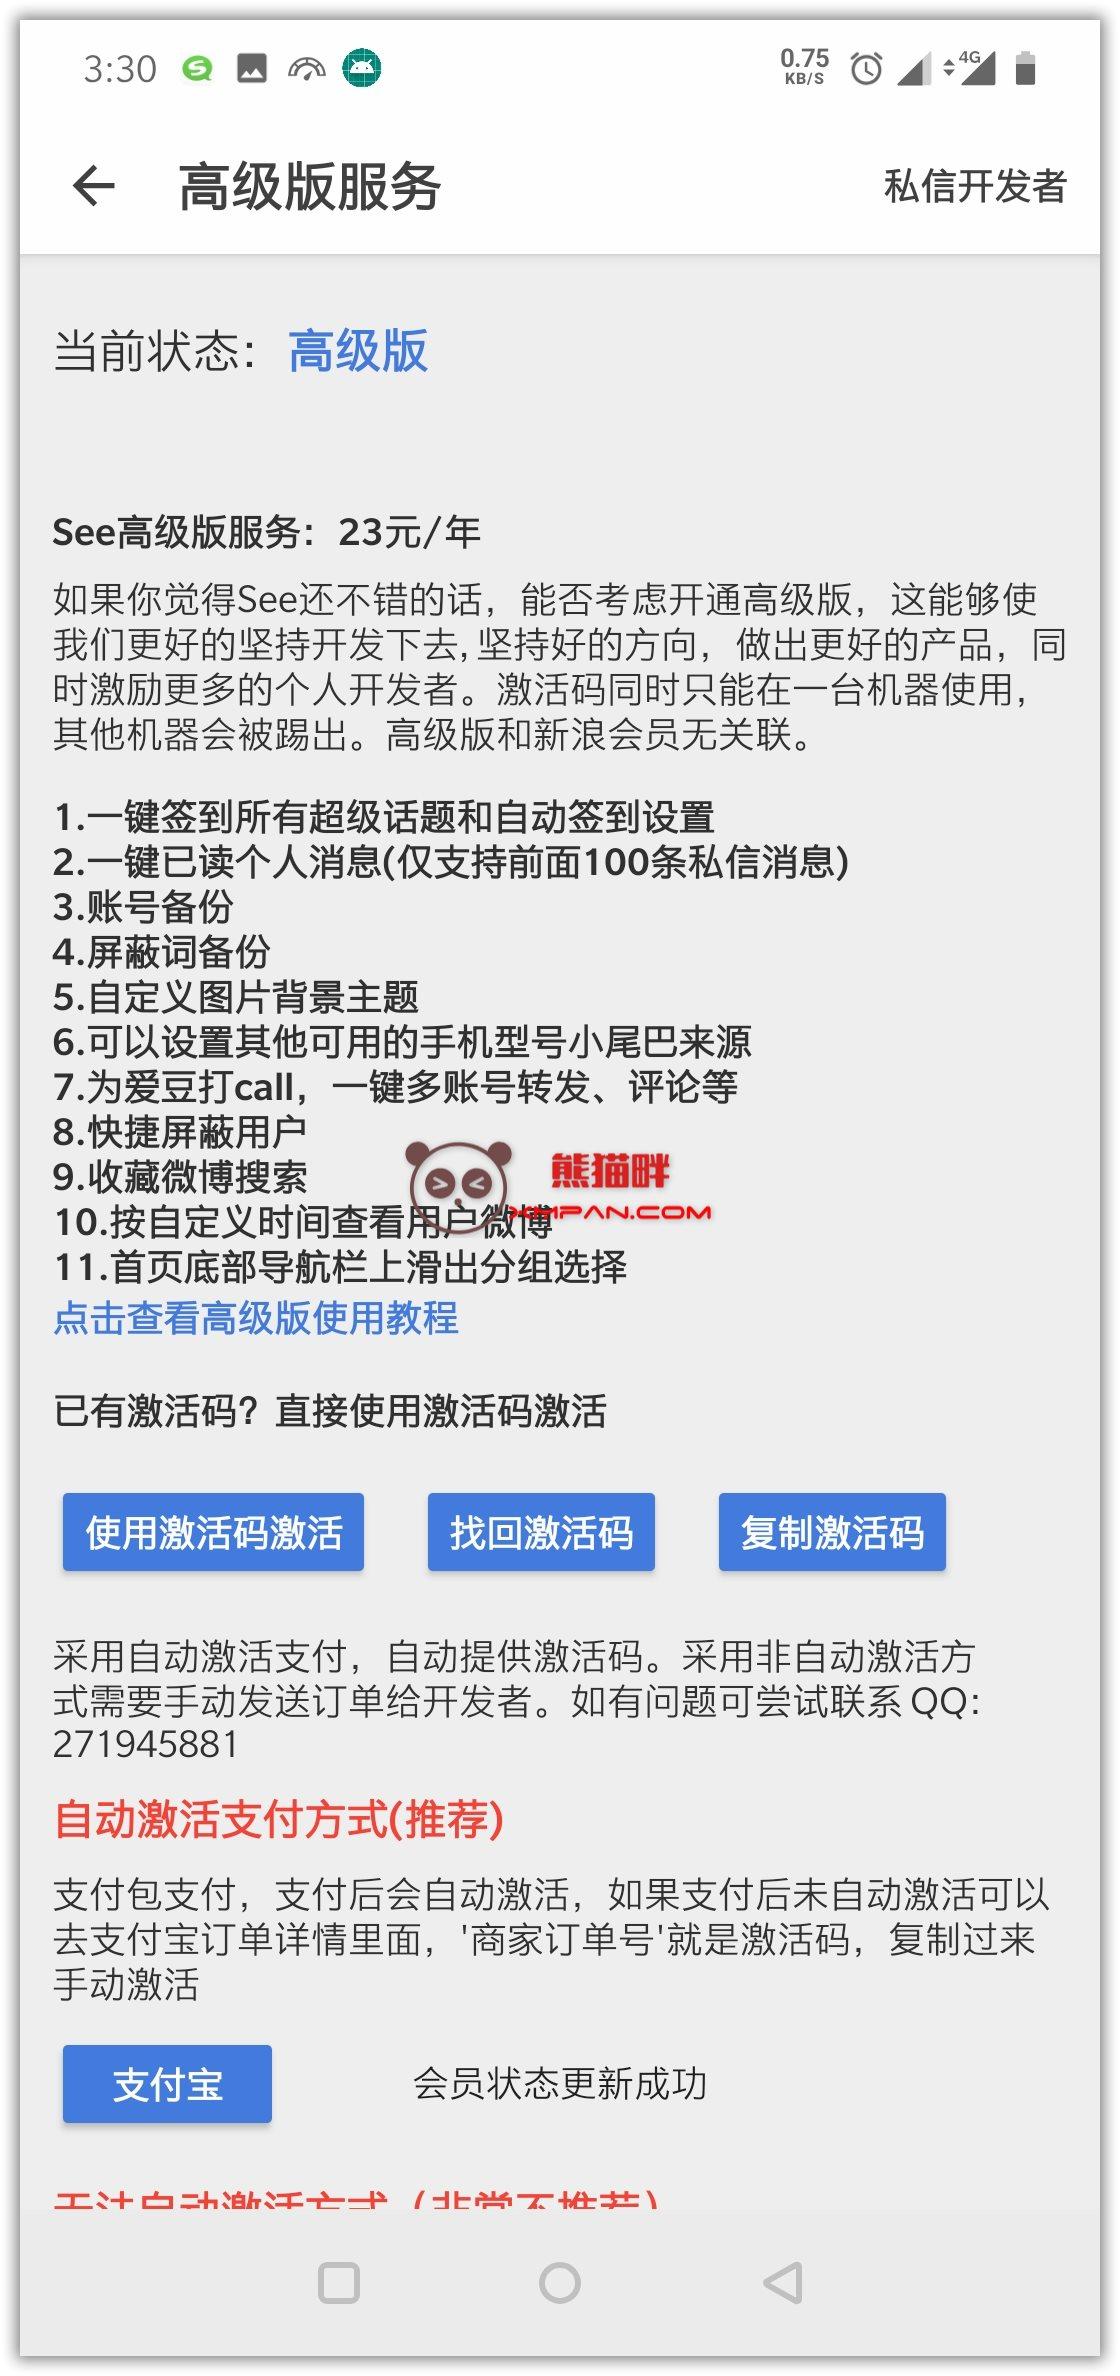 Screenshot_20211008-153020.jpg